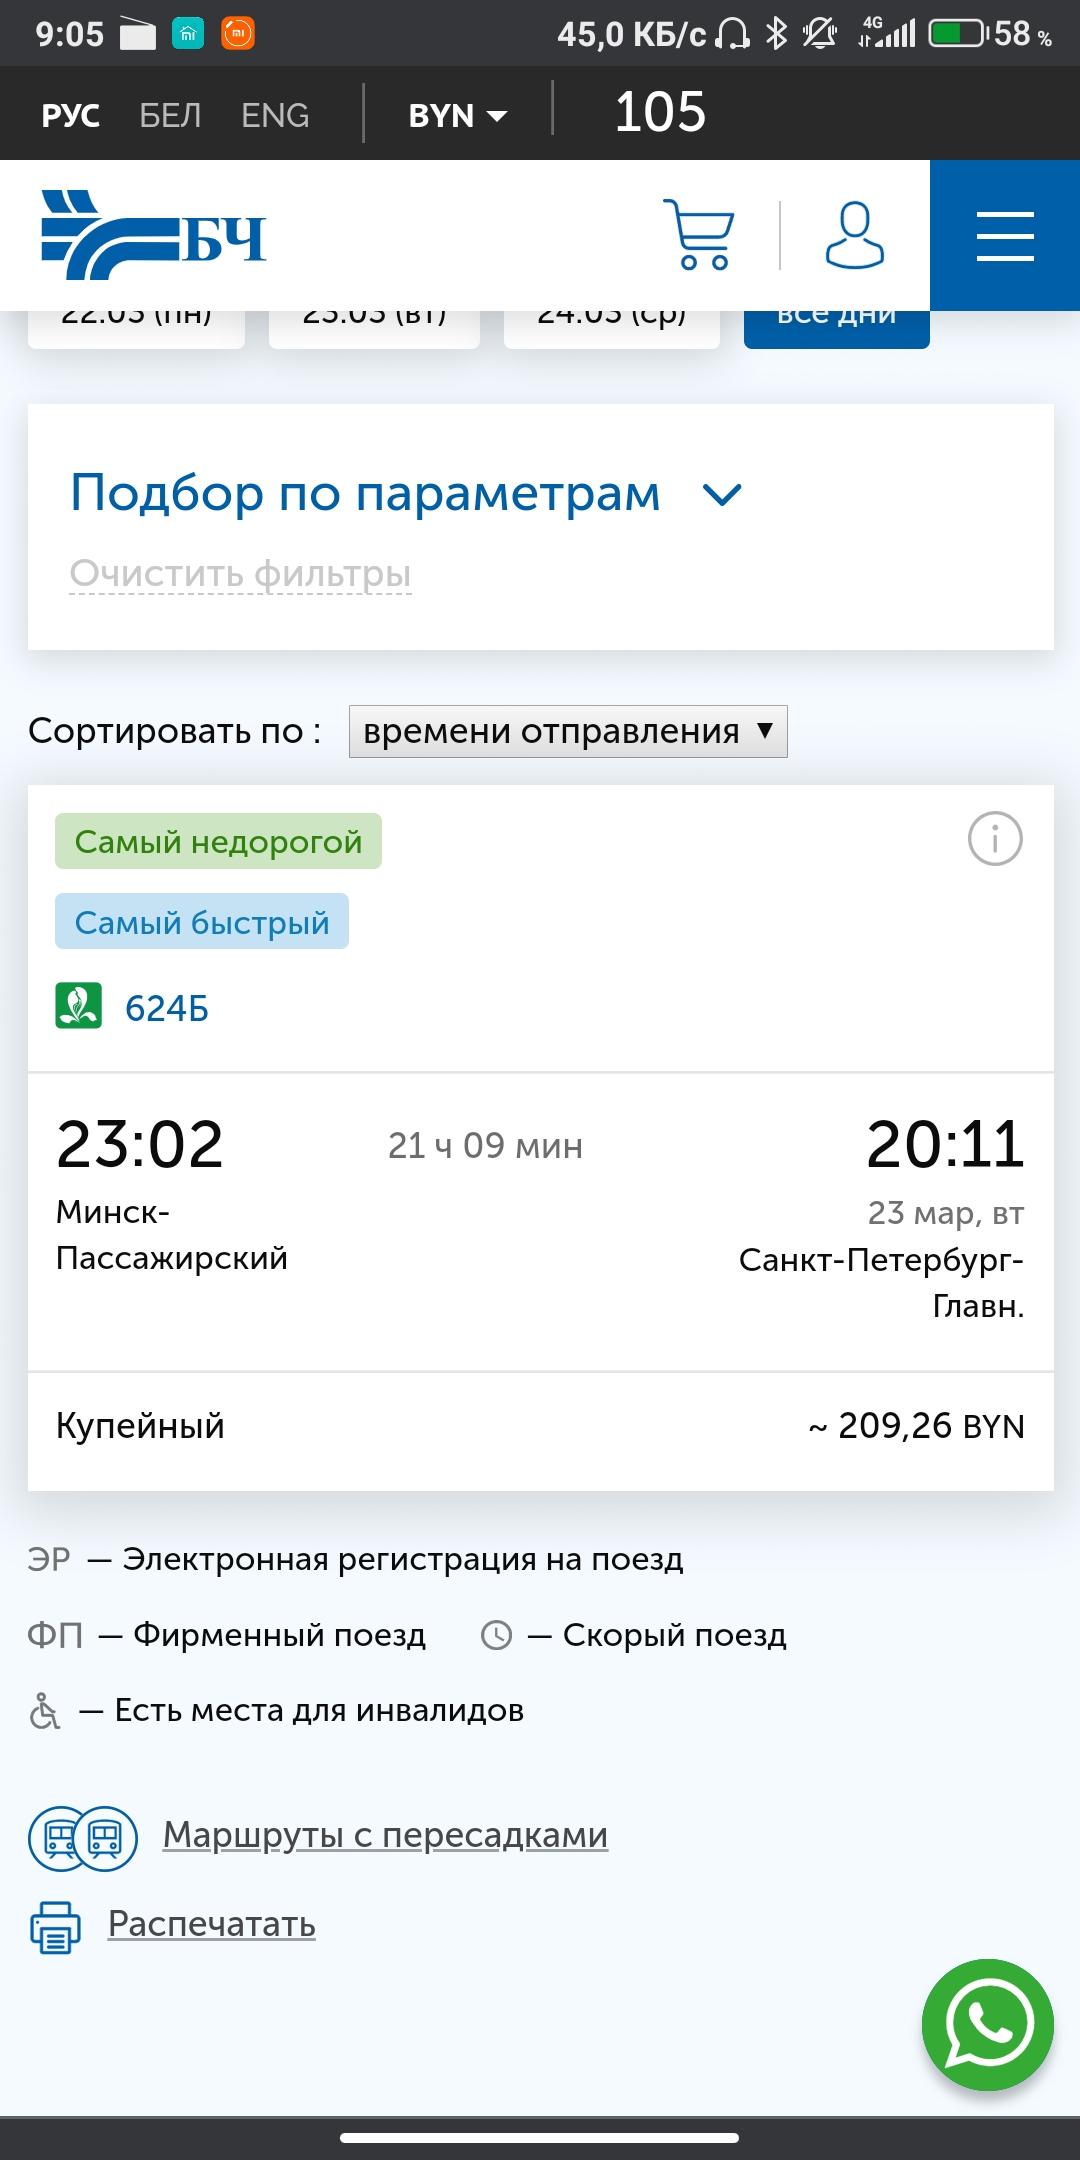 из минска в санкт петербург в 2021 году